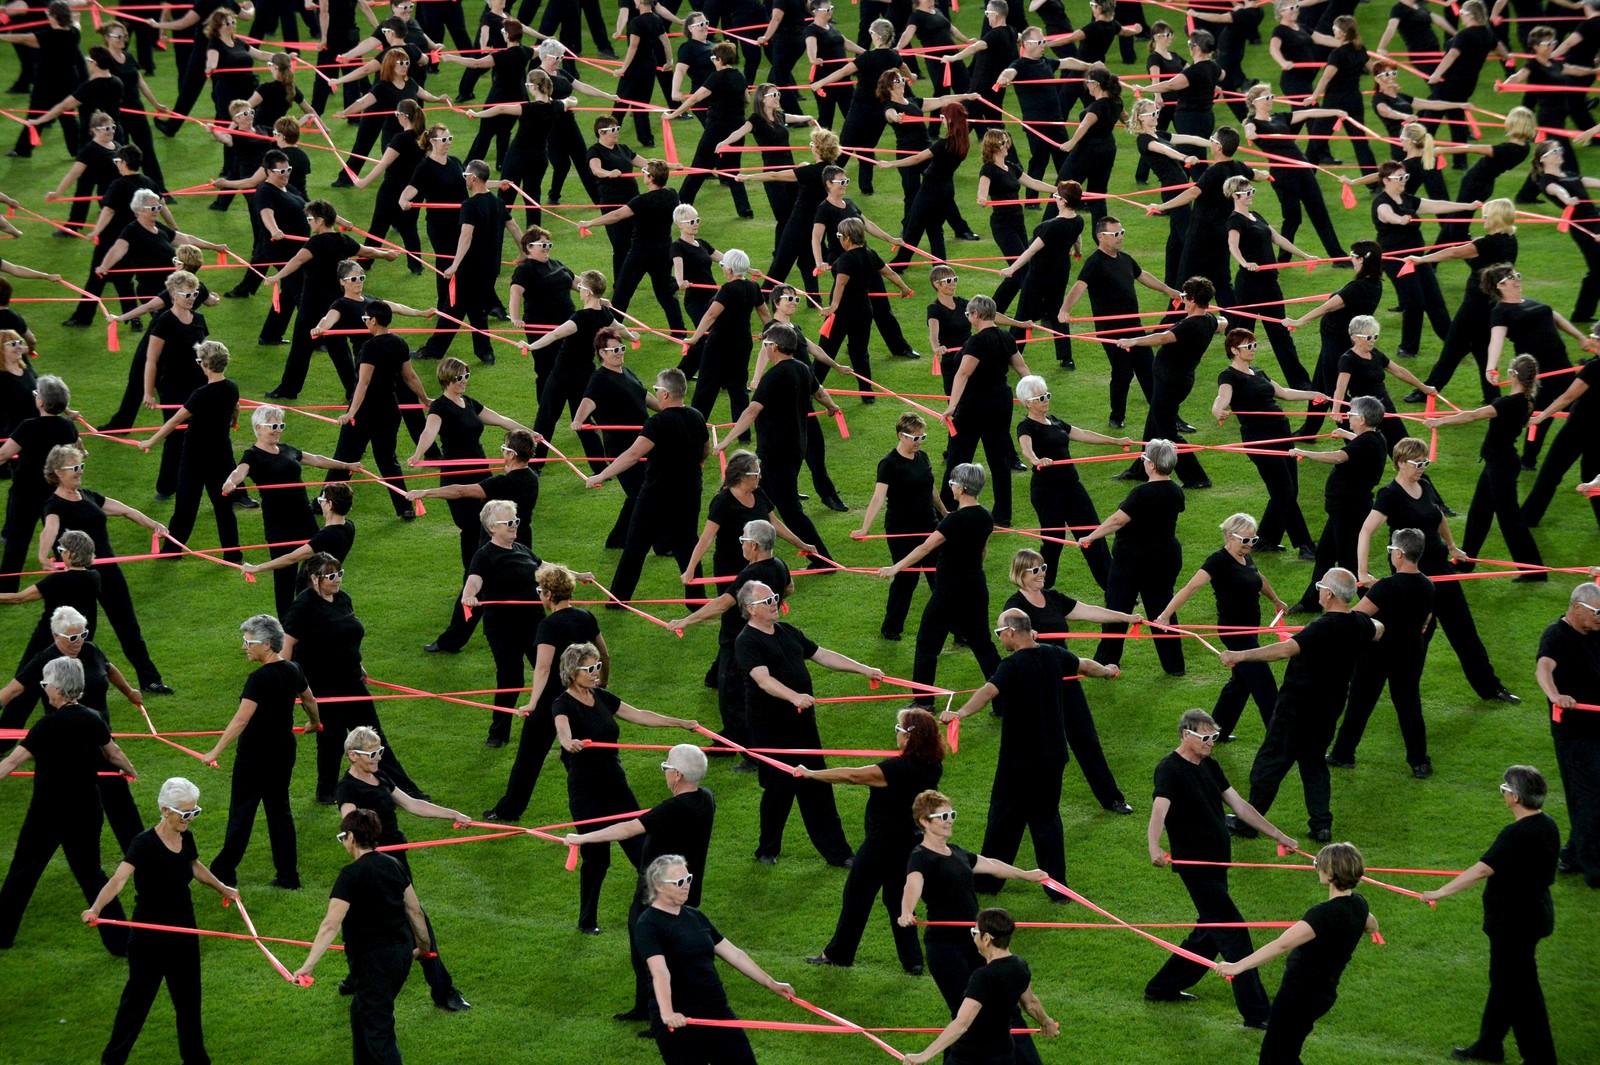 """Gymnastikk står på planen i Helsinki, Finland, denne uka. Her ser vi sveitsiske deltagere framføre """"Let's Move Together""""."""